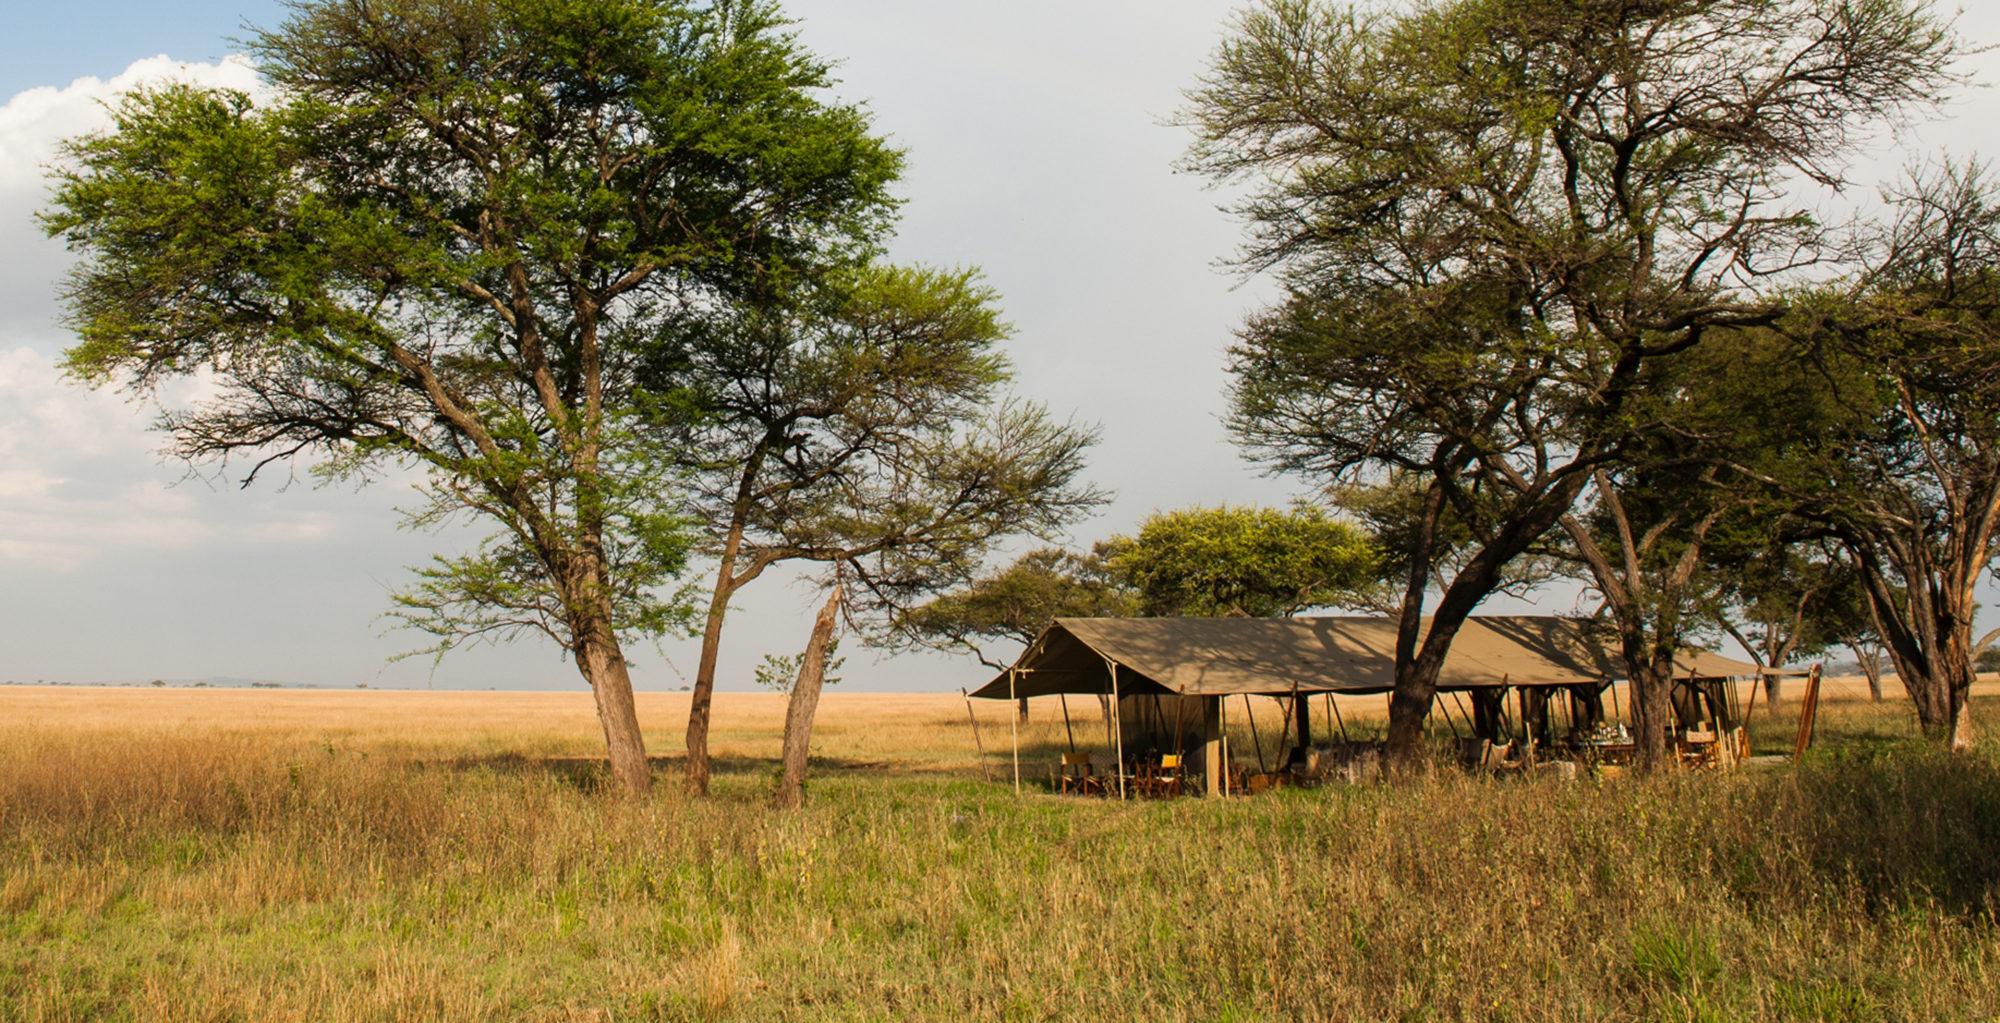 Tanzania-Serengeti-Safari-Camp-Exterior